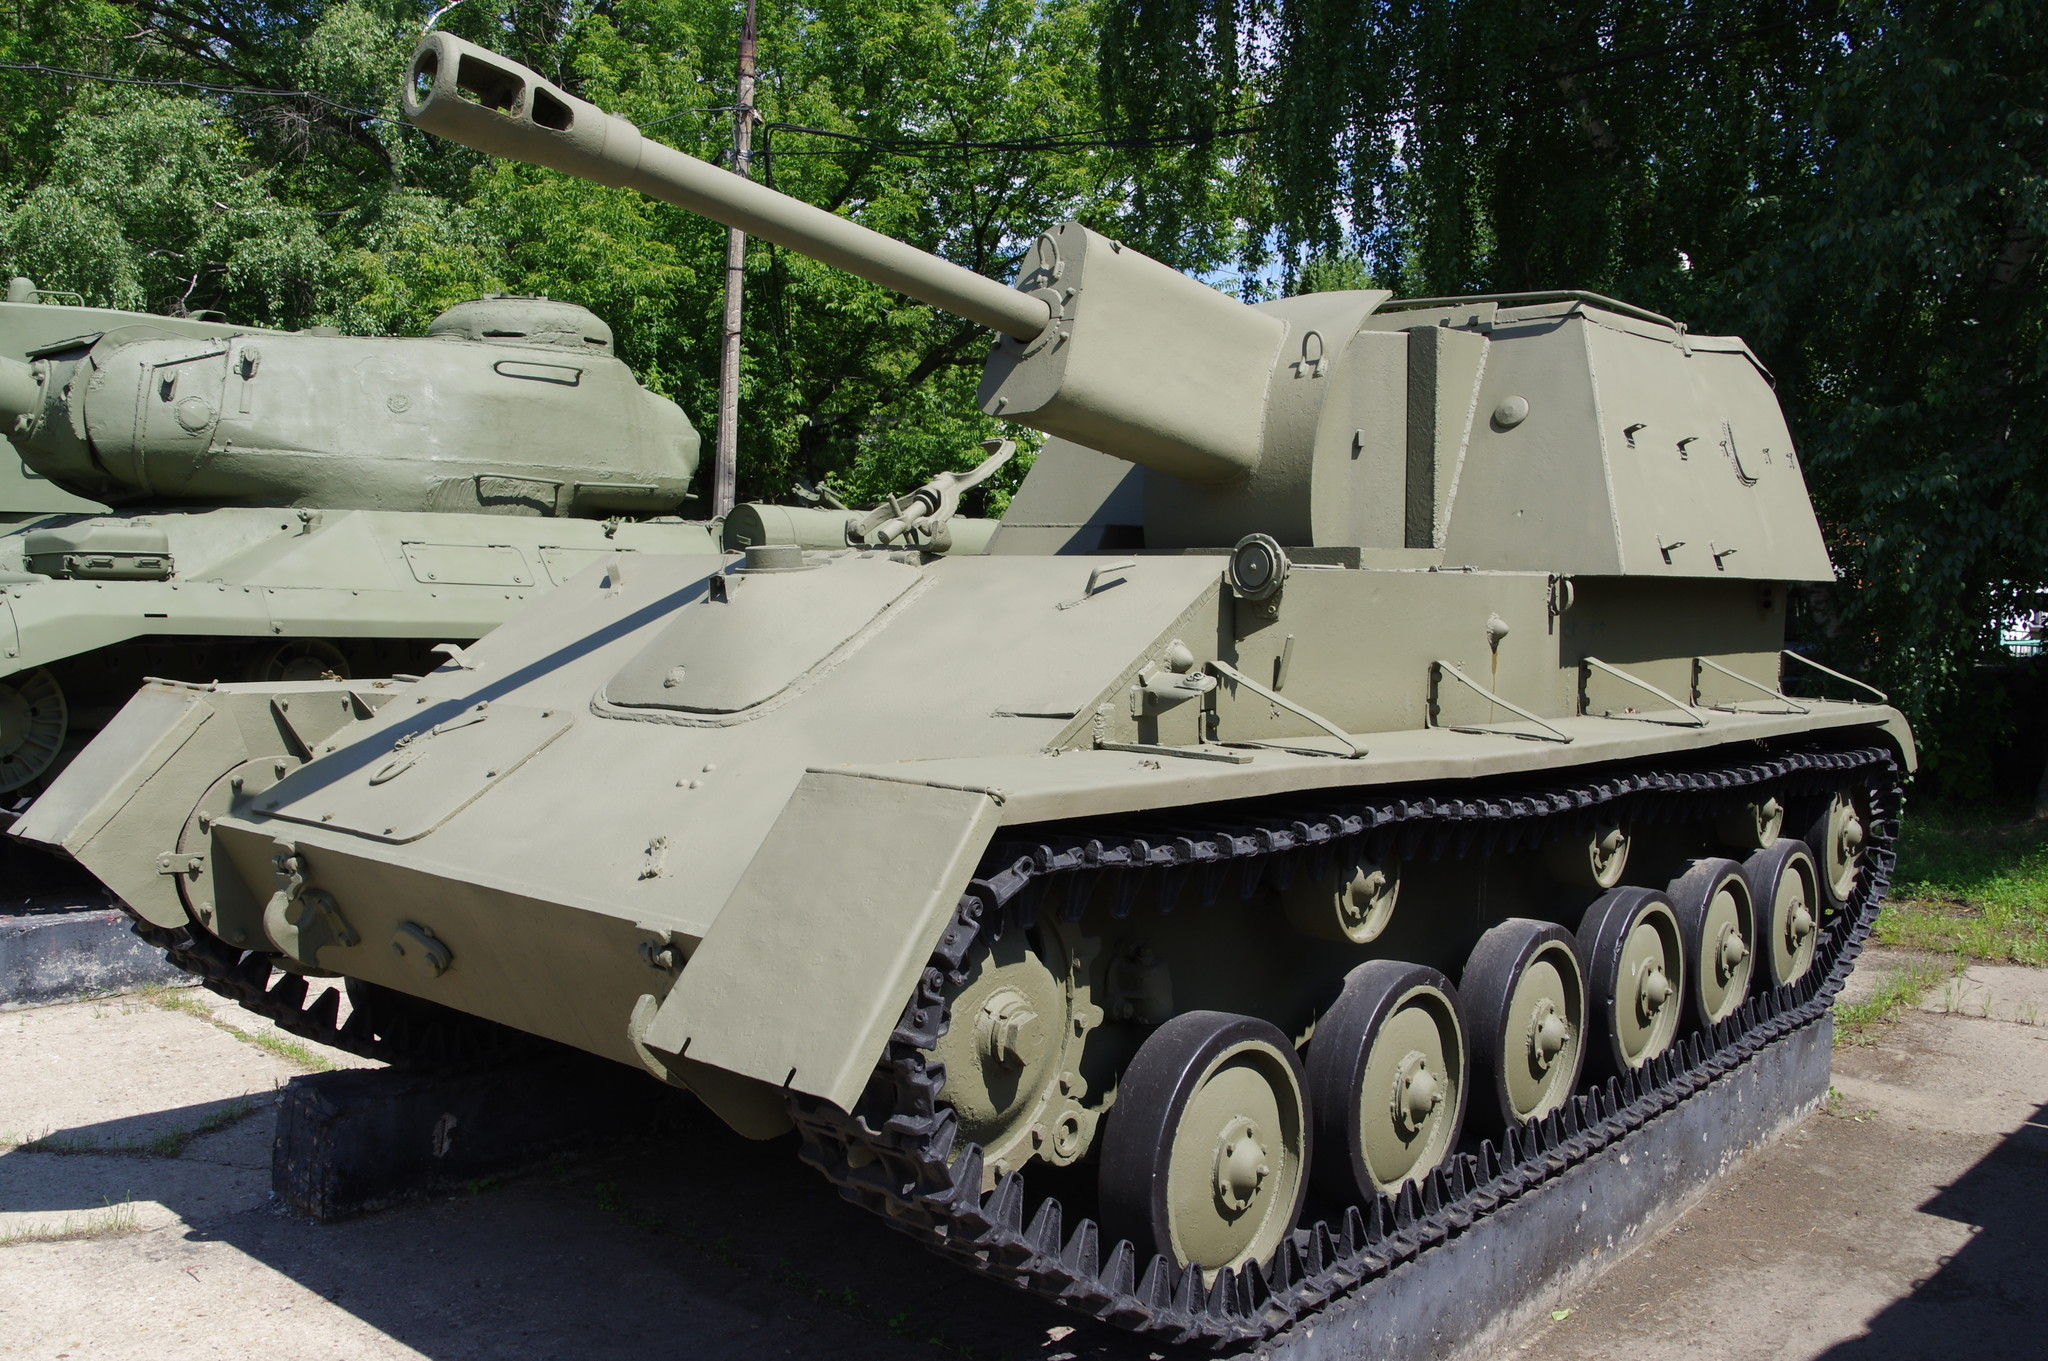 танк гаубица фото нас гостях побывала